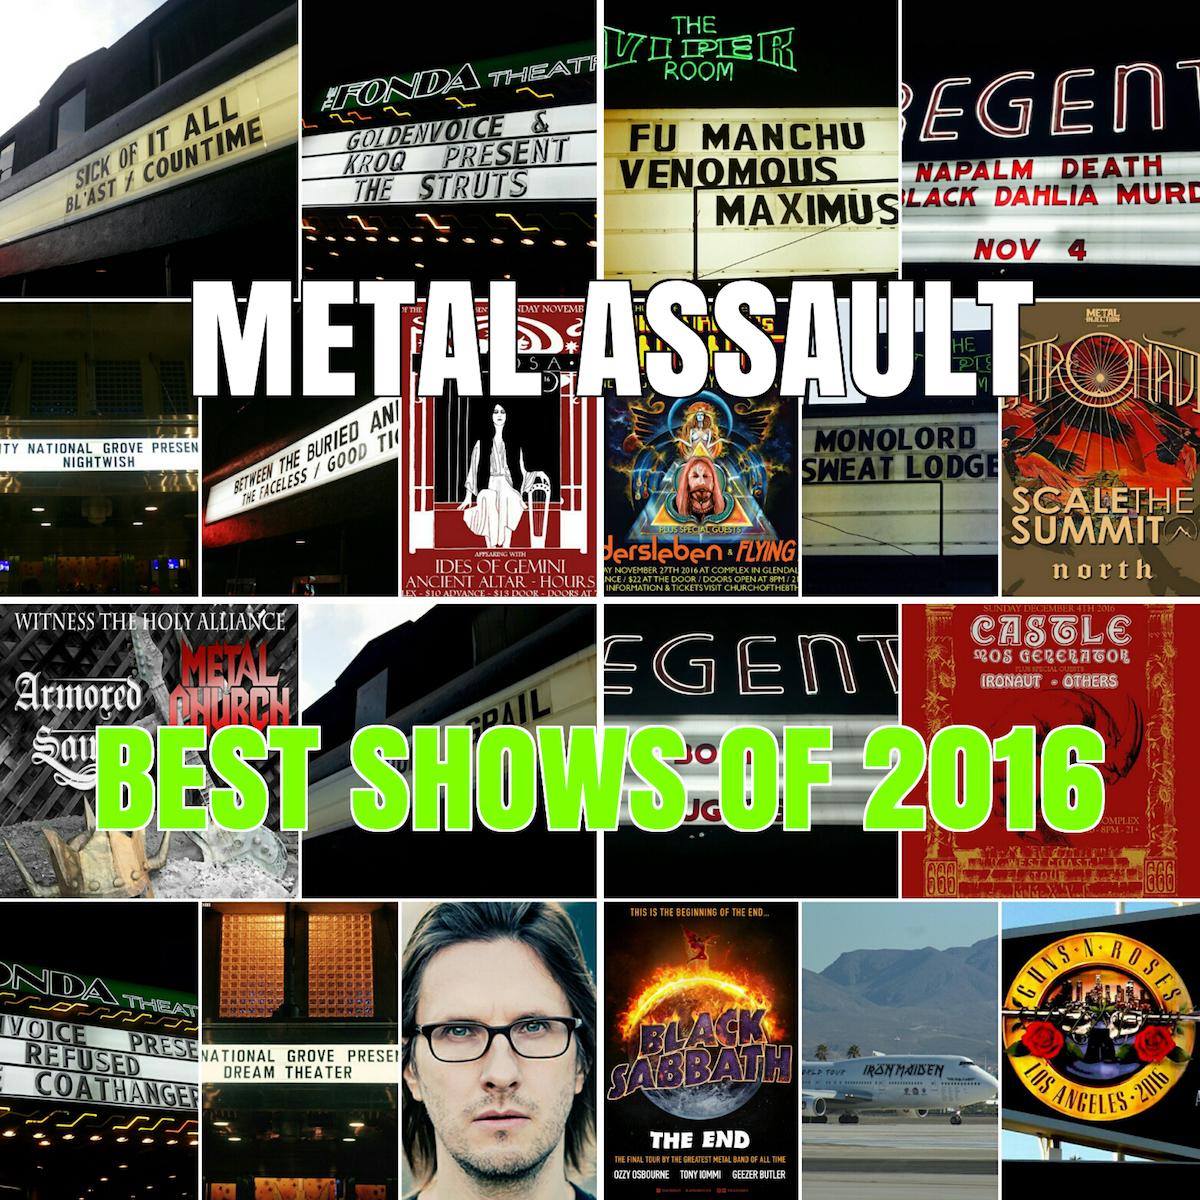 bestshows2016